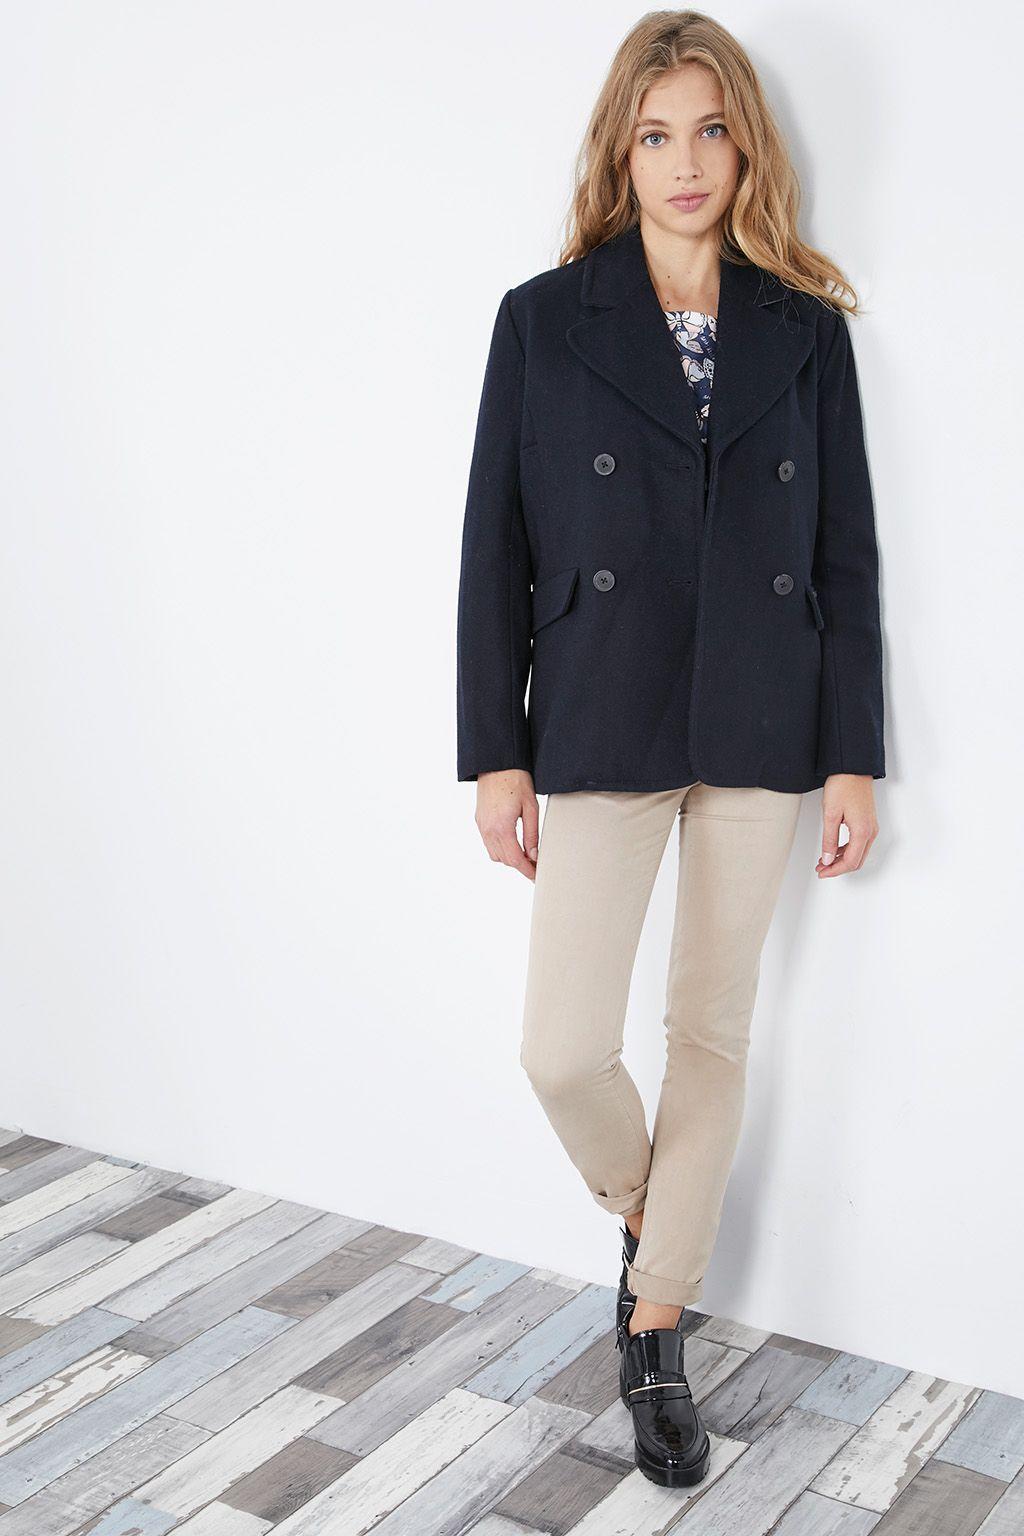 Venda Pepe Jeans / 28240 / Mulher / Casacos, sobretudos e blusões / Casaco cabã de lã Azul-marinho